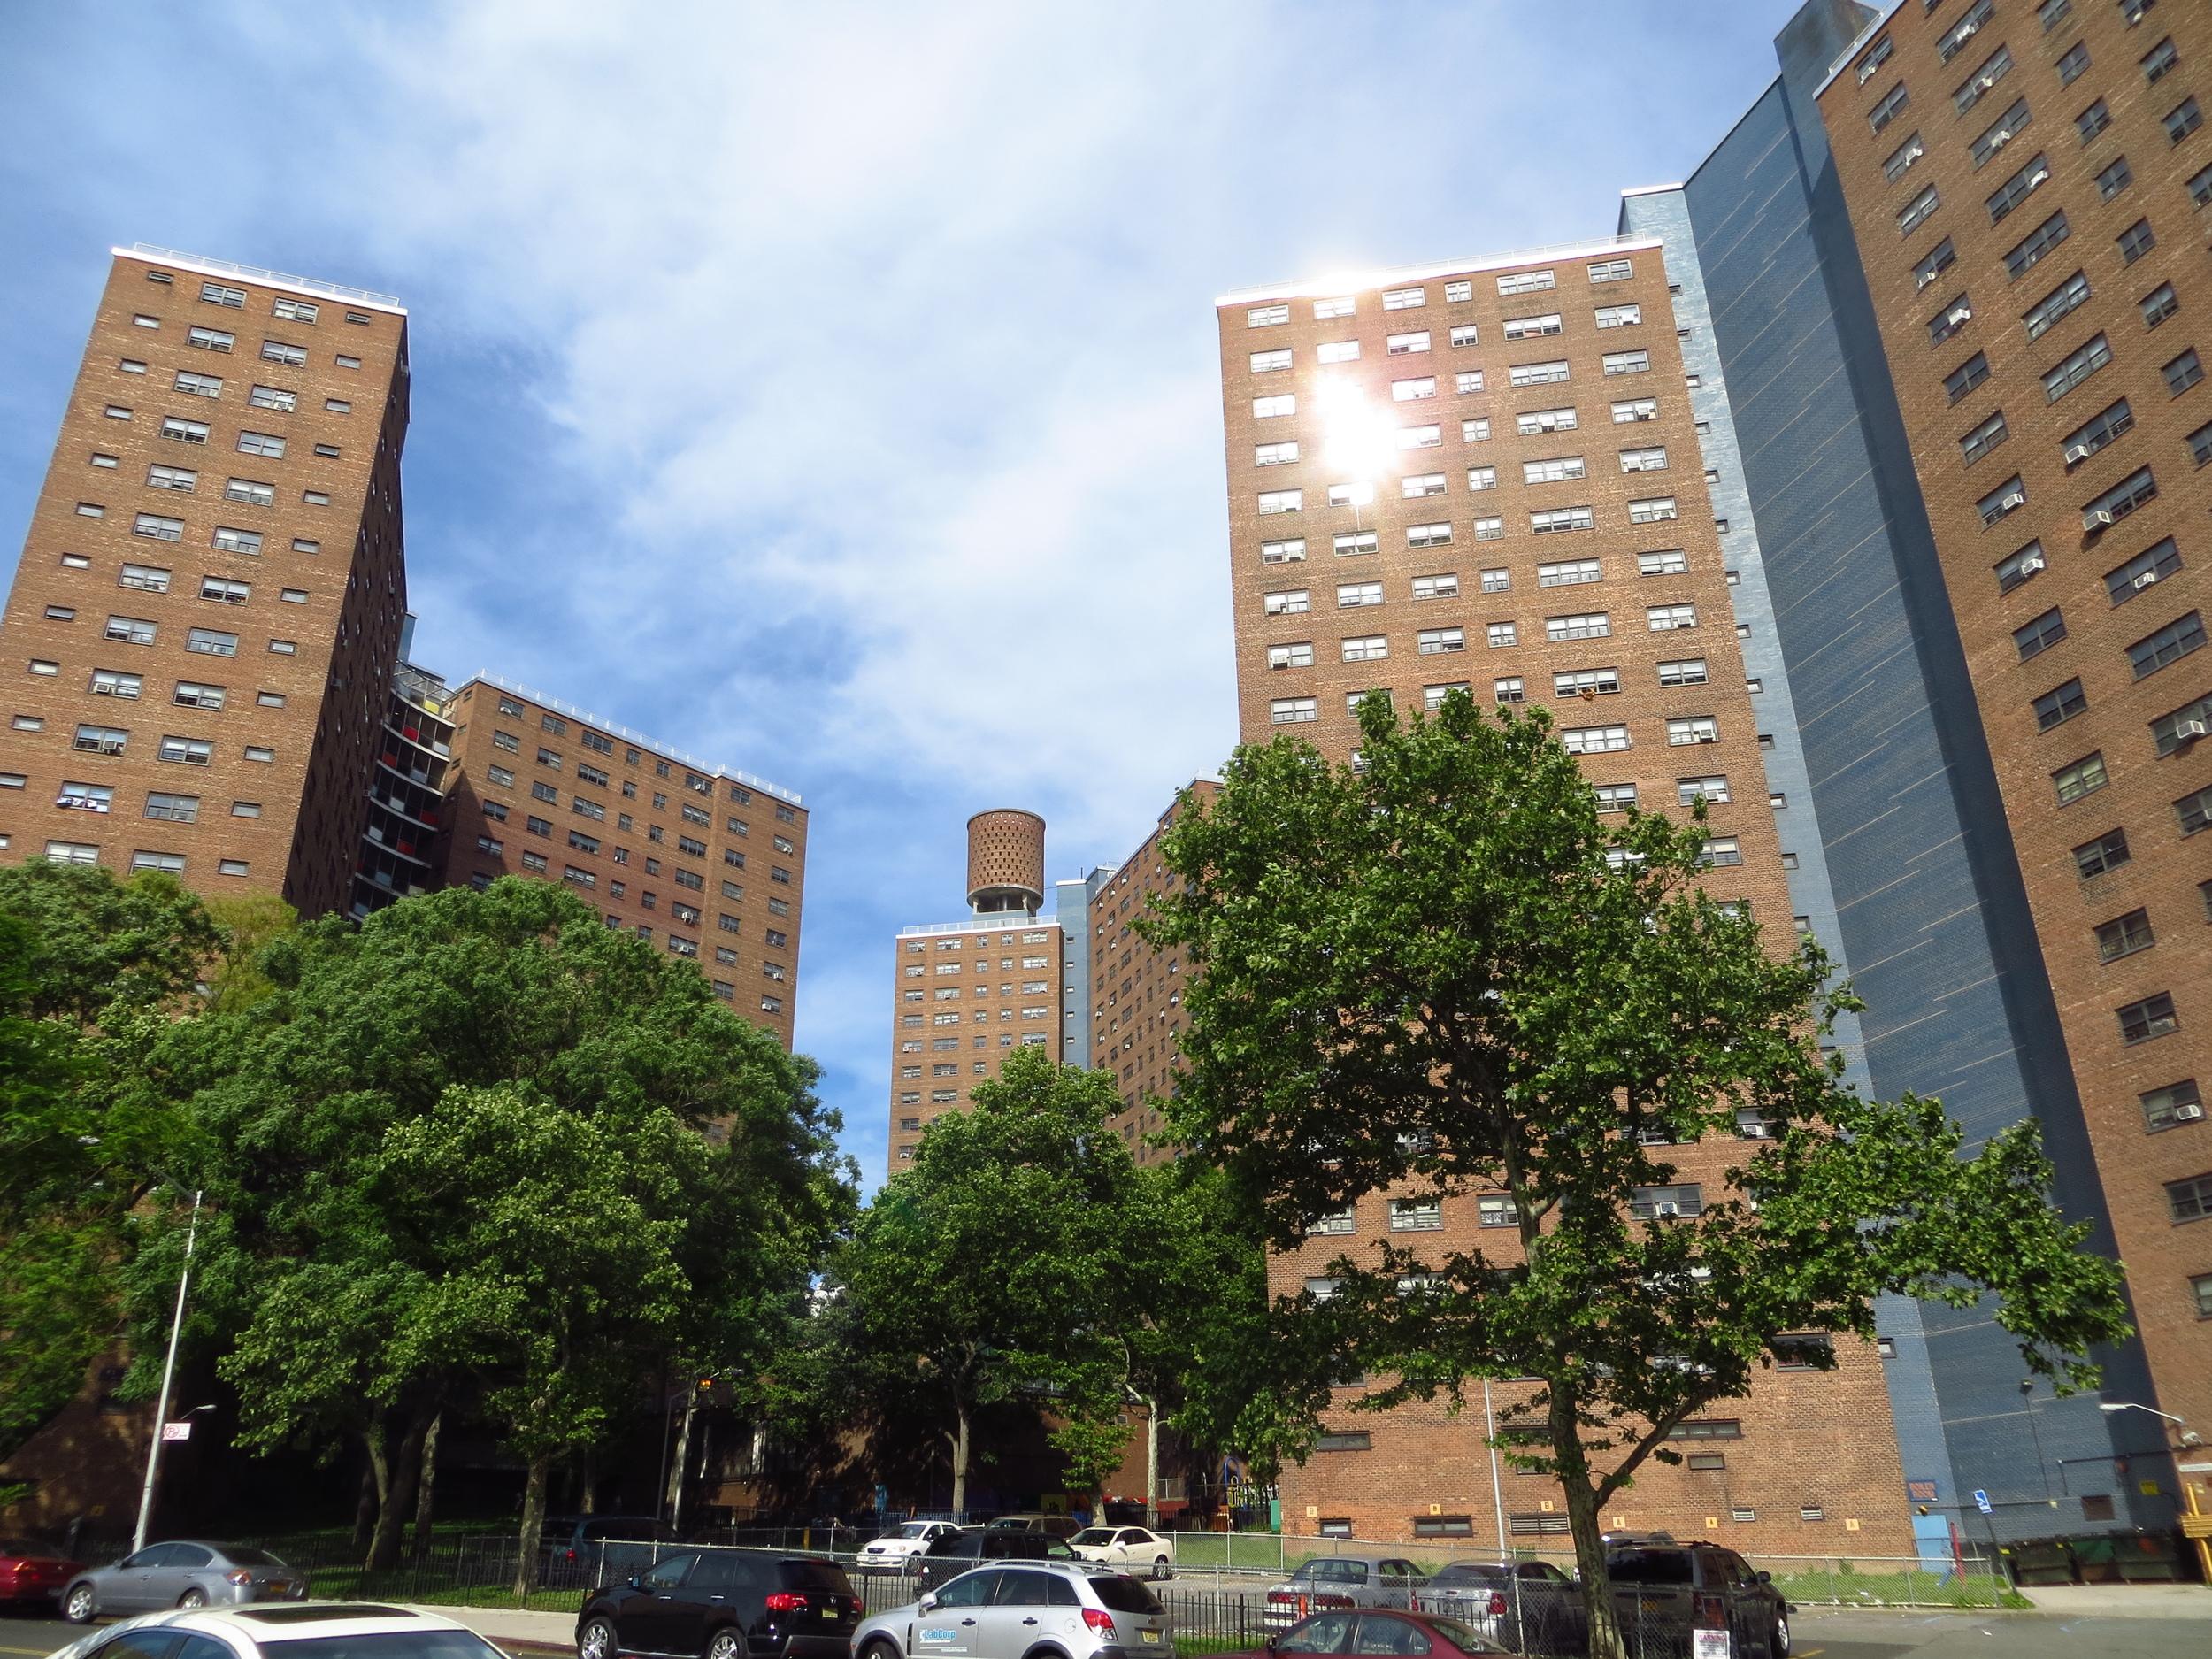 Large public housing complex